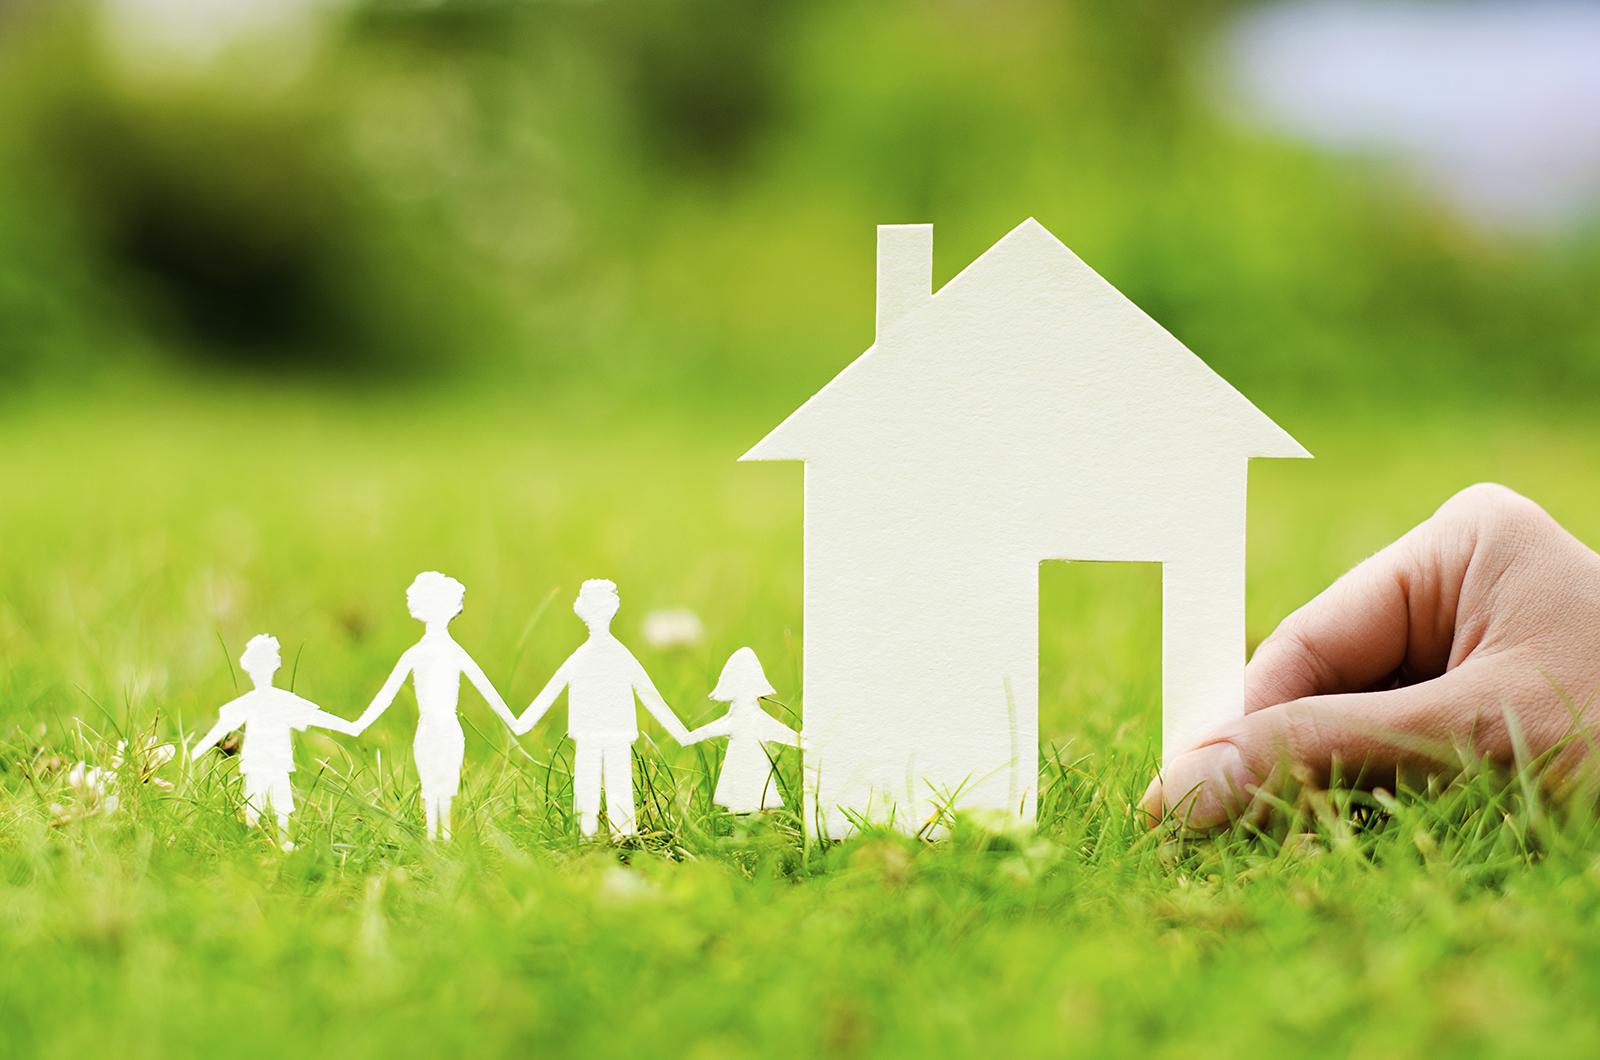 земельные участки для многодетных семей